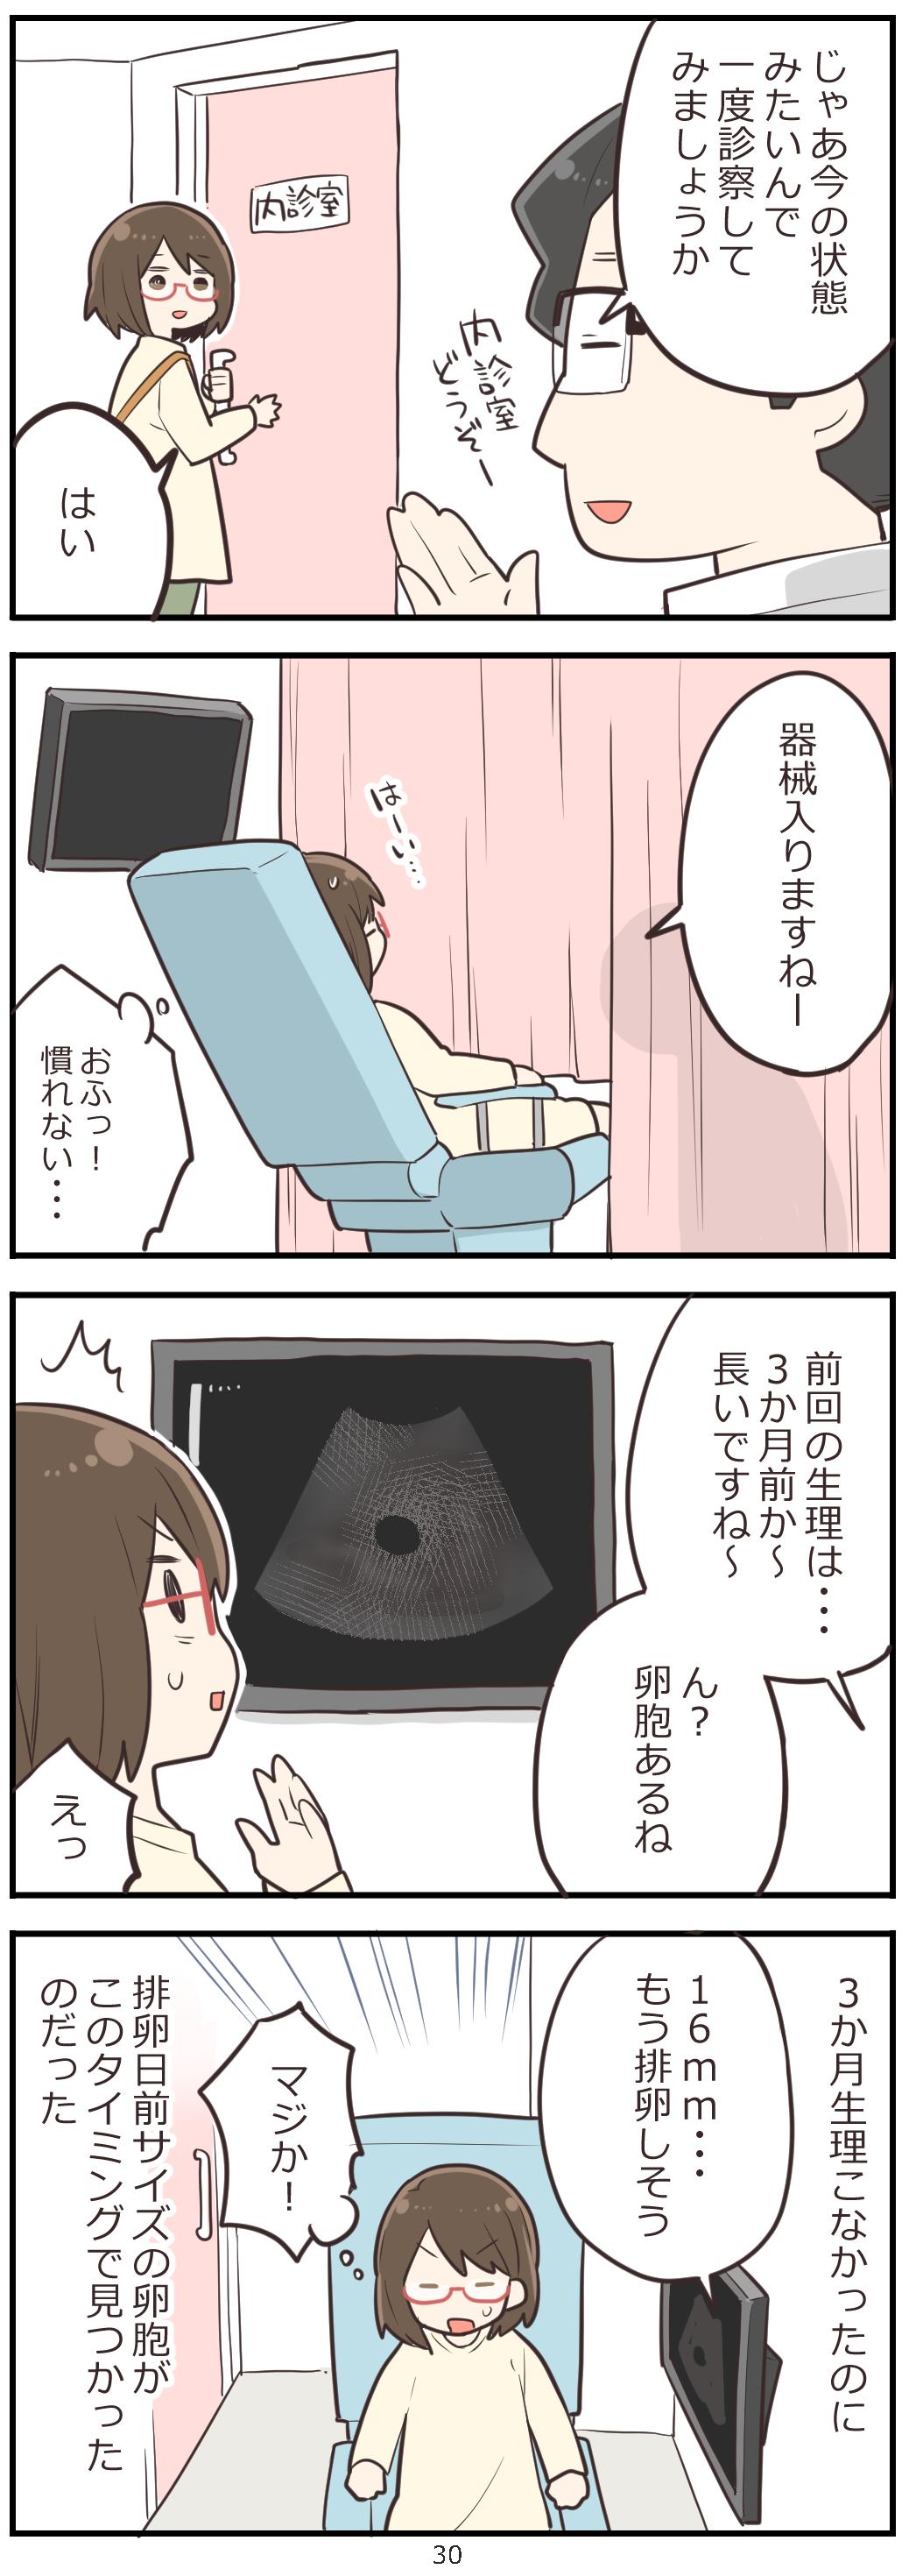 「妊活レベル1 まっふの冒険記」第30話